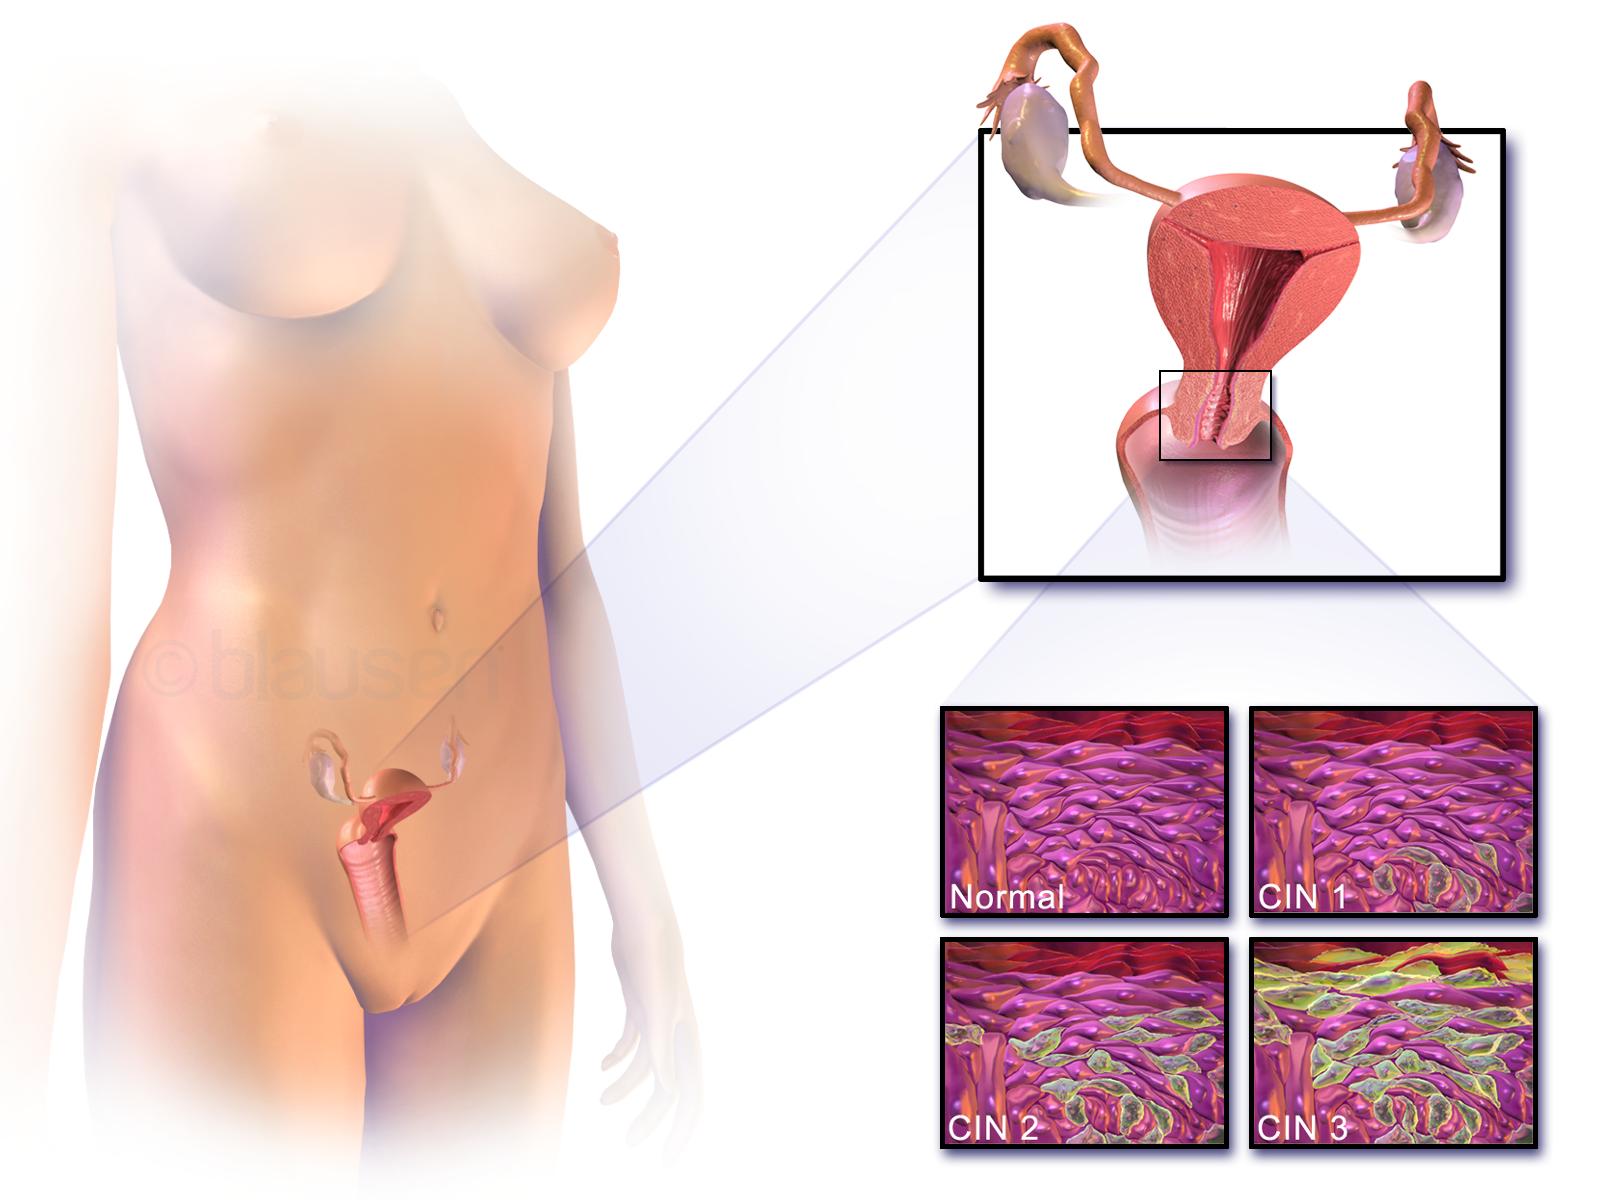 acog guidelines hpv cervical cancer enterobiasis case report